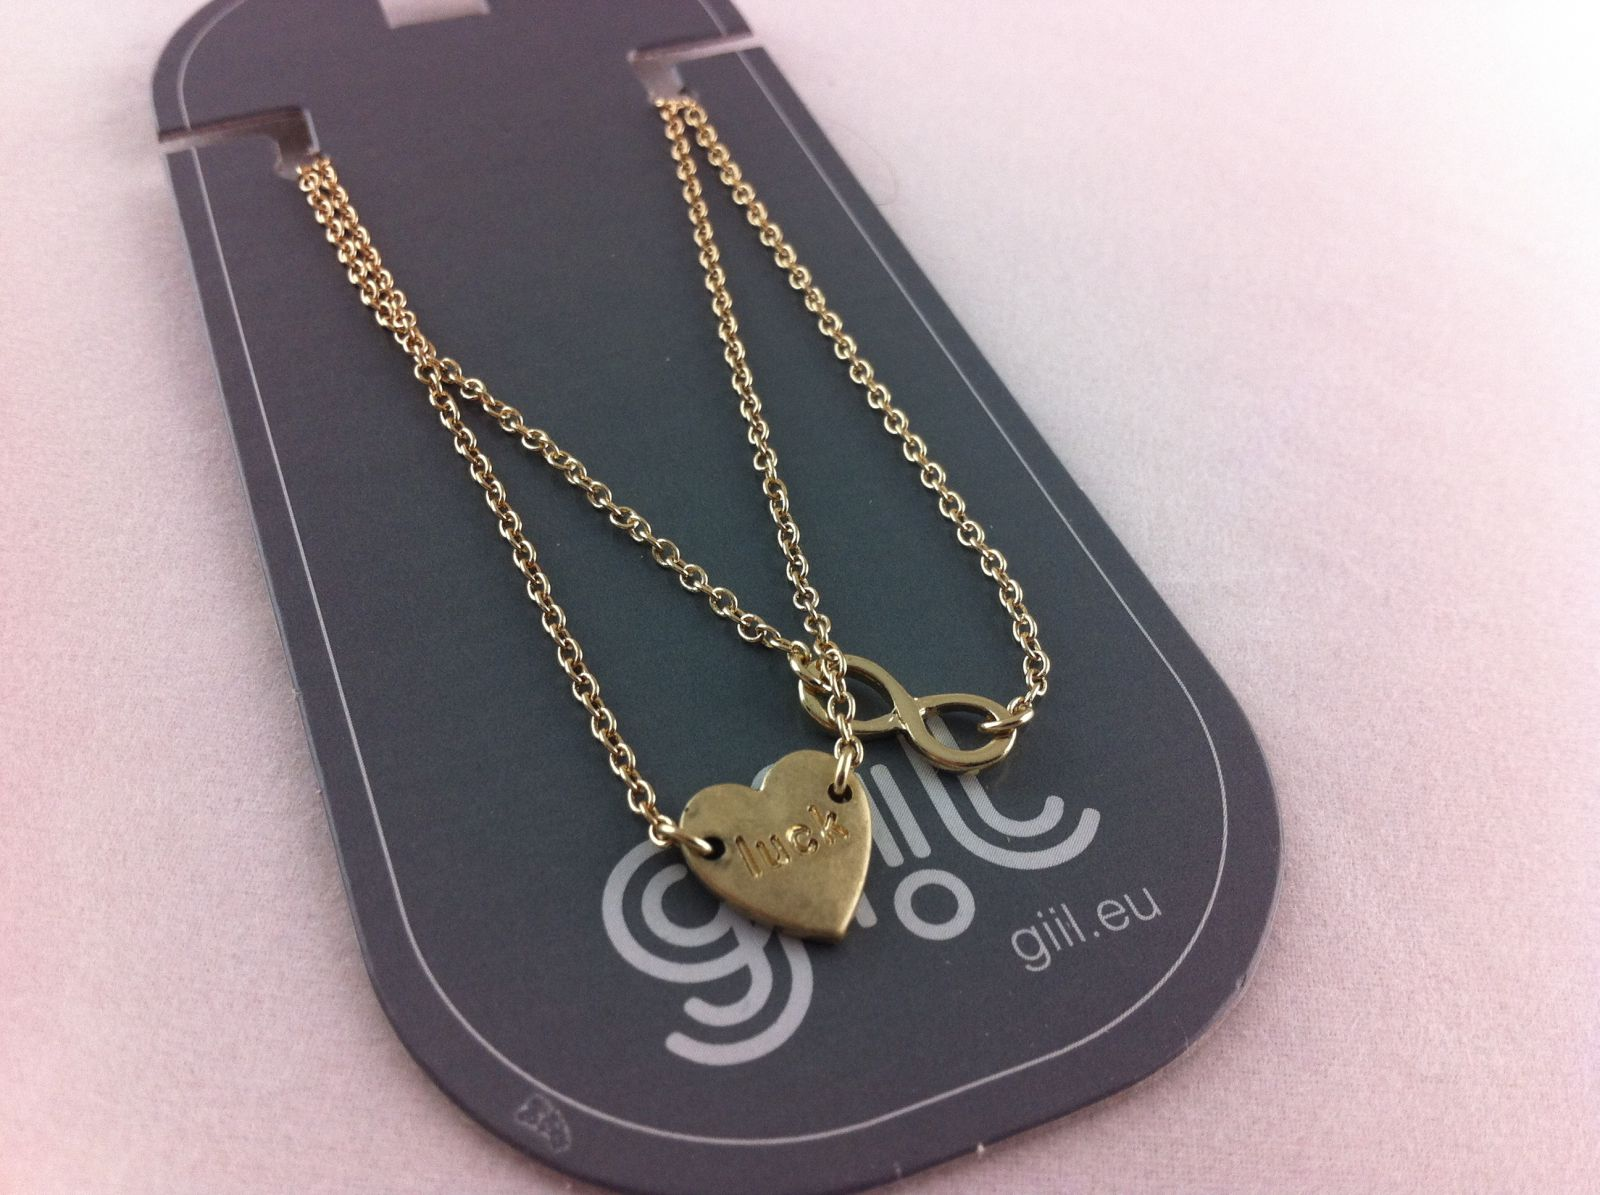 Zlaté řetízkové náramky s ozdobami ve tvaru srdíčka a nekonečna GIIL